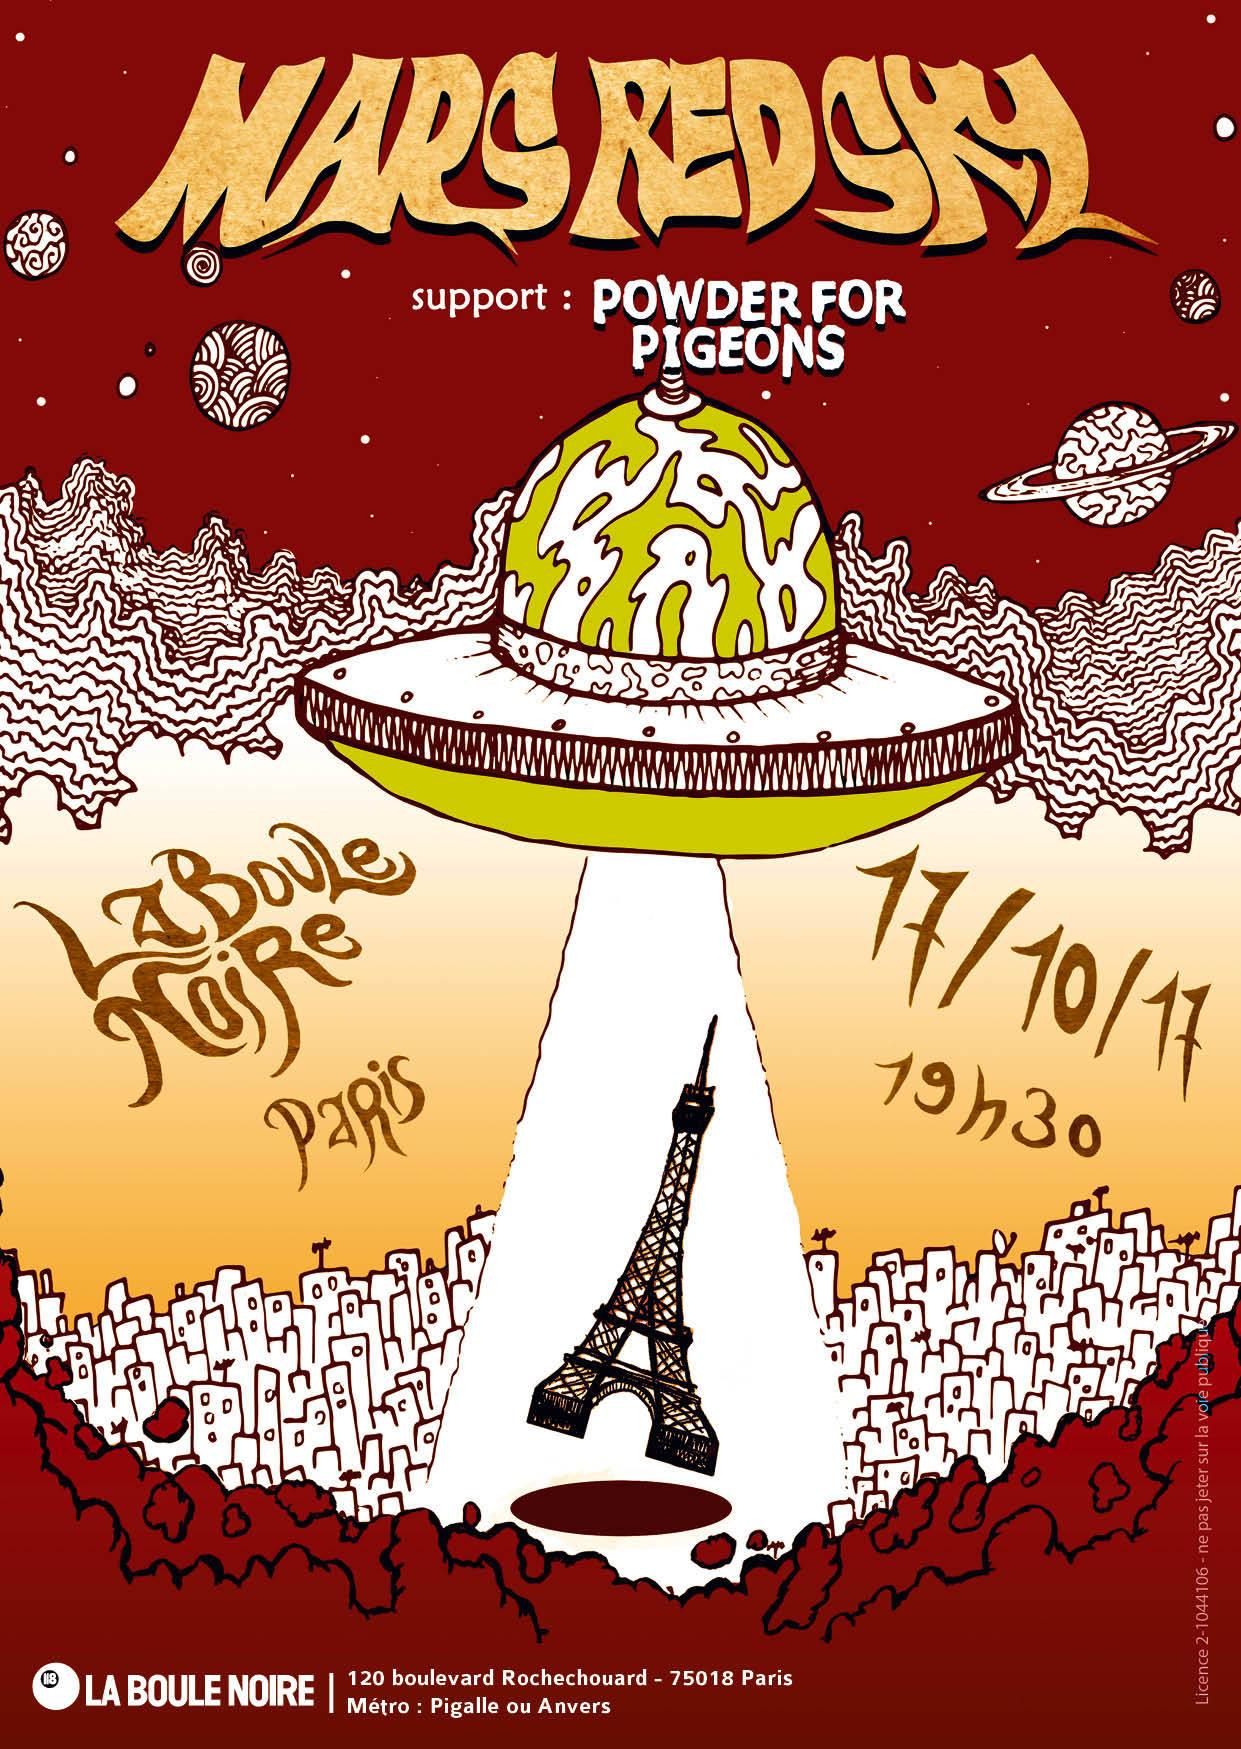 Mars Red Sky + Powder For Pigeons @ Boule Noire (Paris), le 17 Octobre 2017